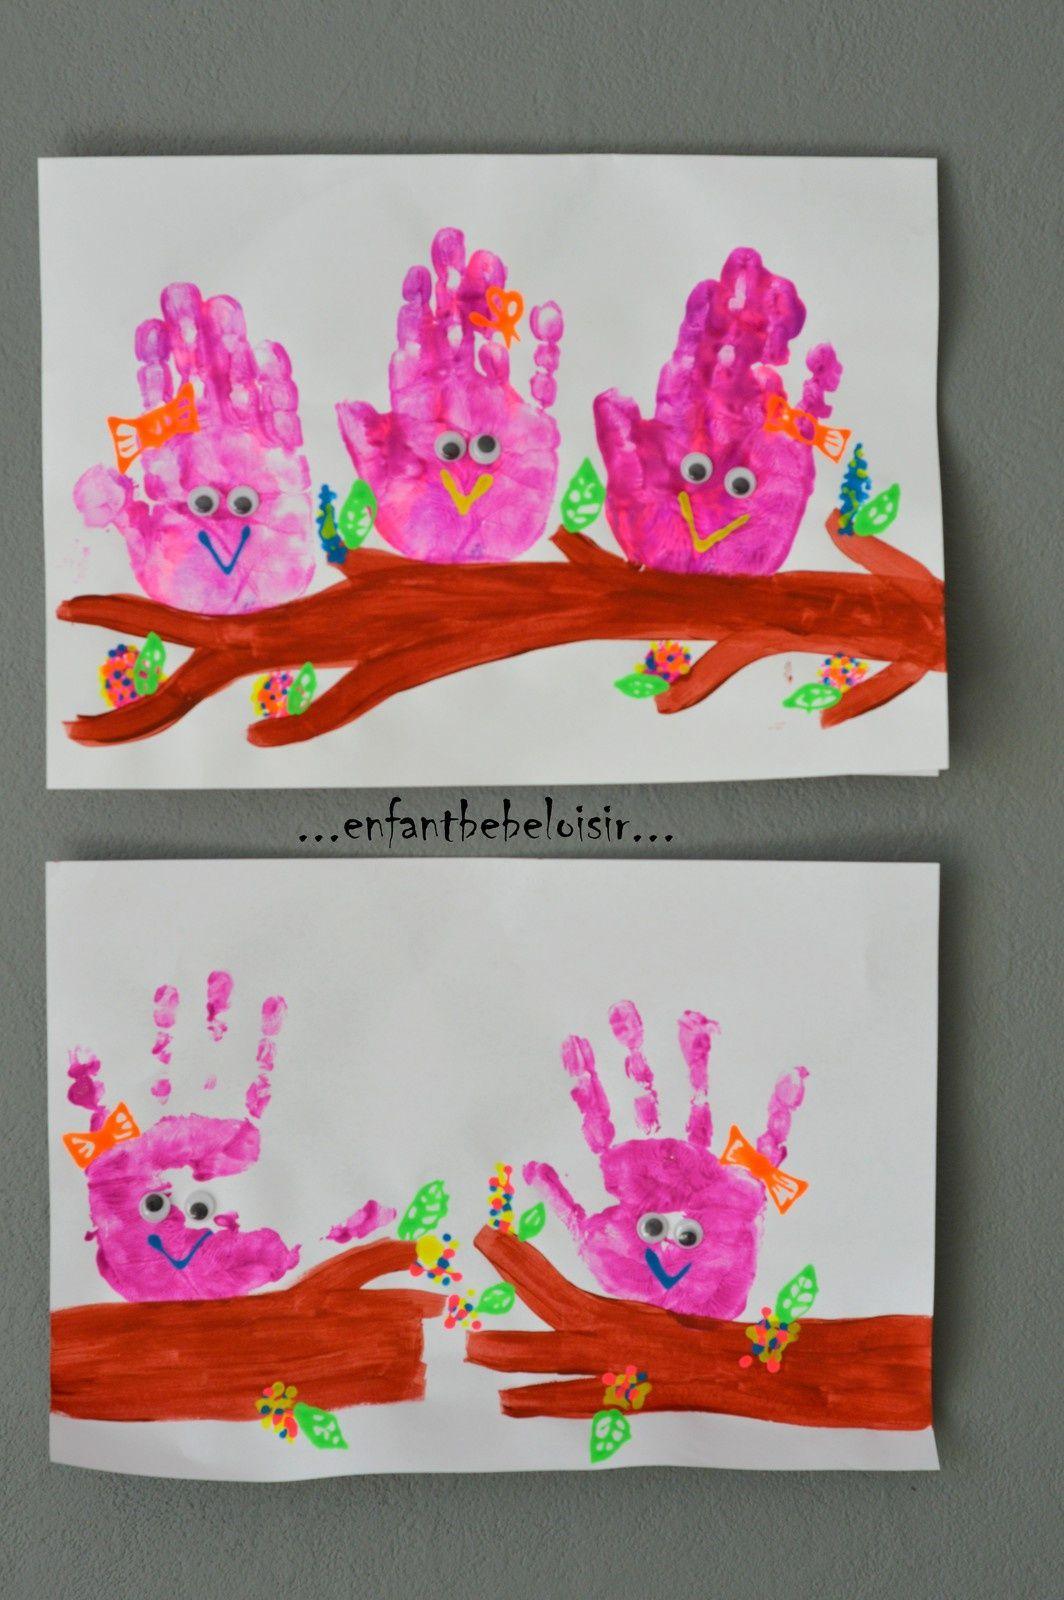 Loisirs Creatifs 2 3 4 Ans | Peinture Avec Les Mains, Enfant à Activité Manuelle Enfant 4 Ans